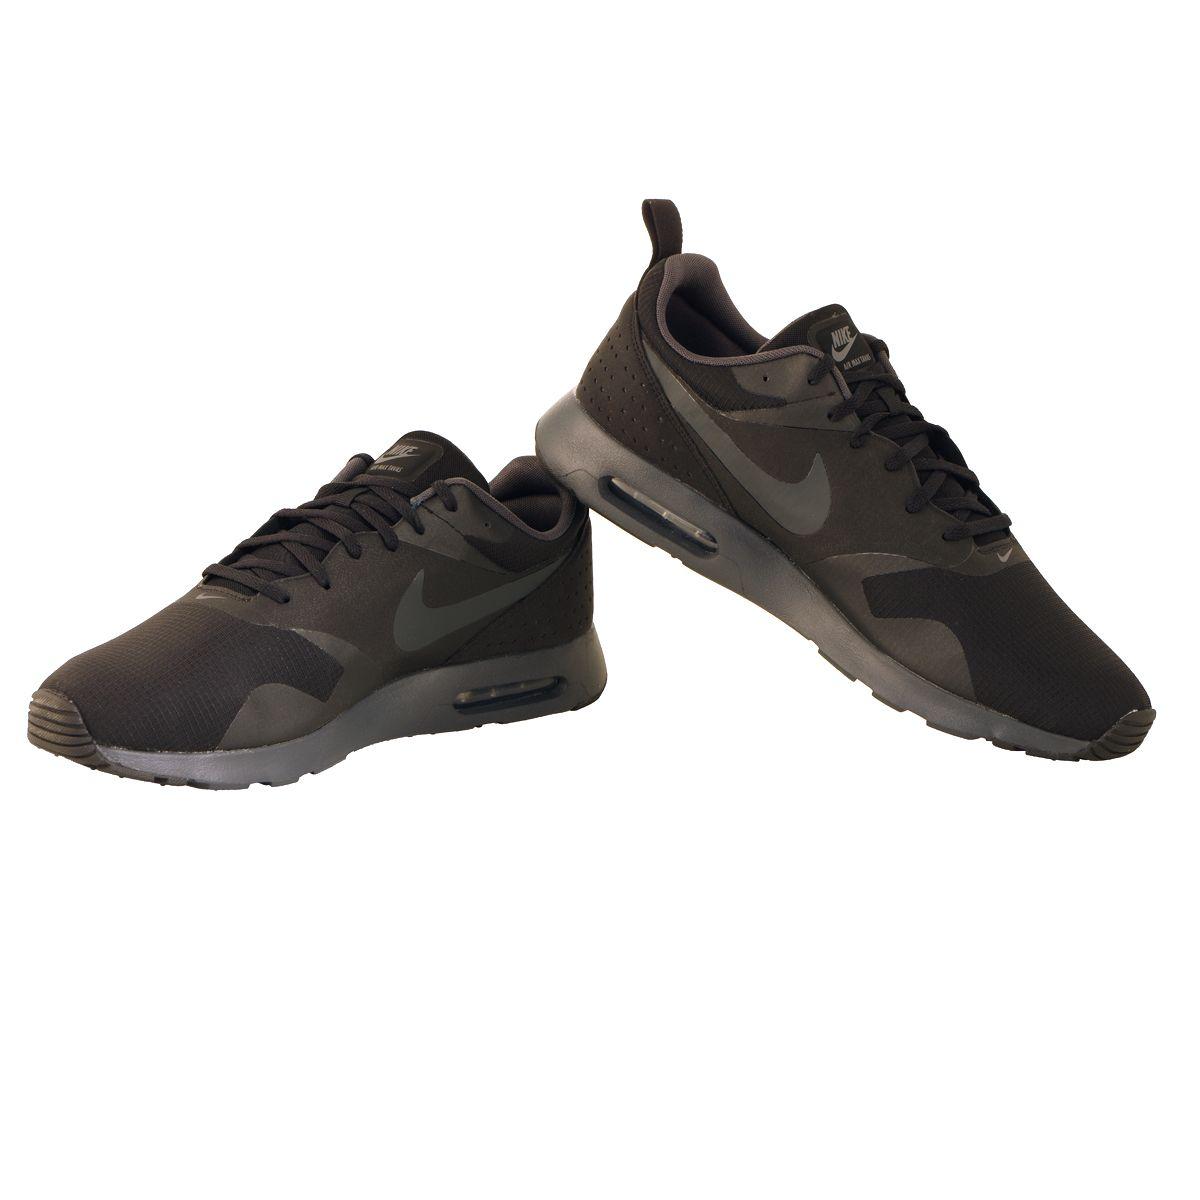 panier air max pas cher de femme - Chaussures Nike Air Max Tavas noires et grises : grande taille du ...